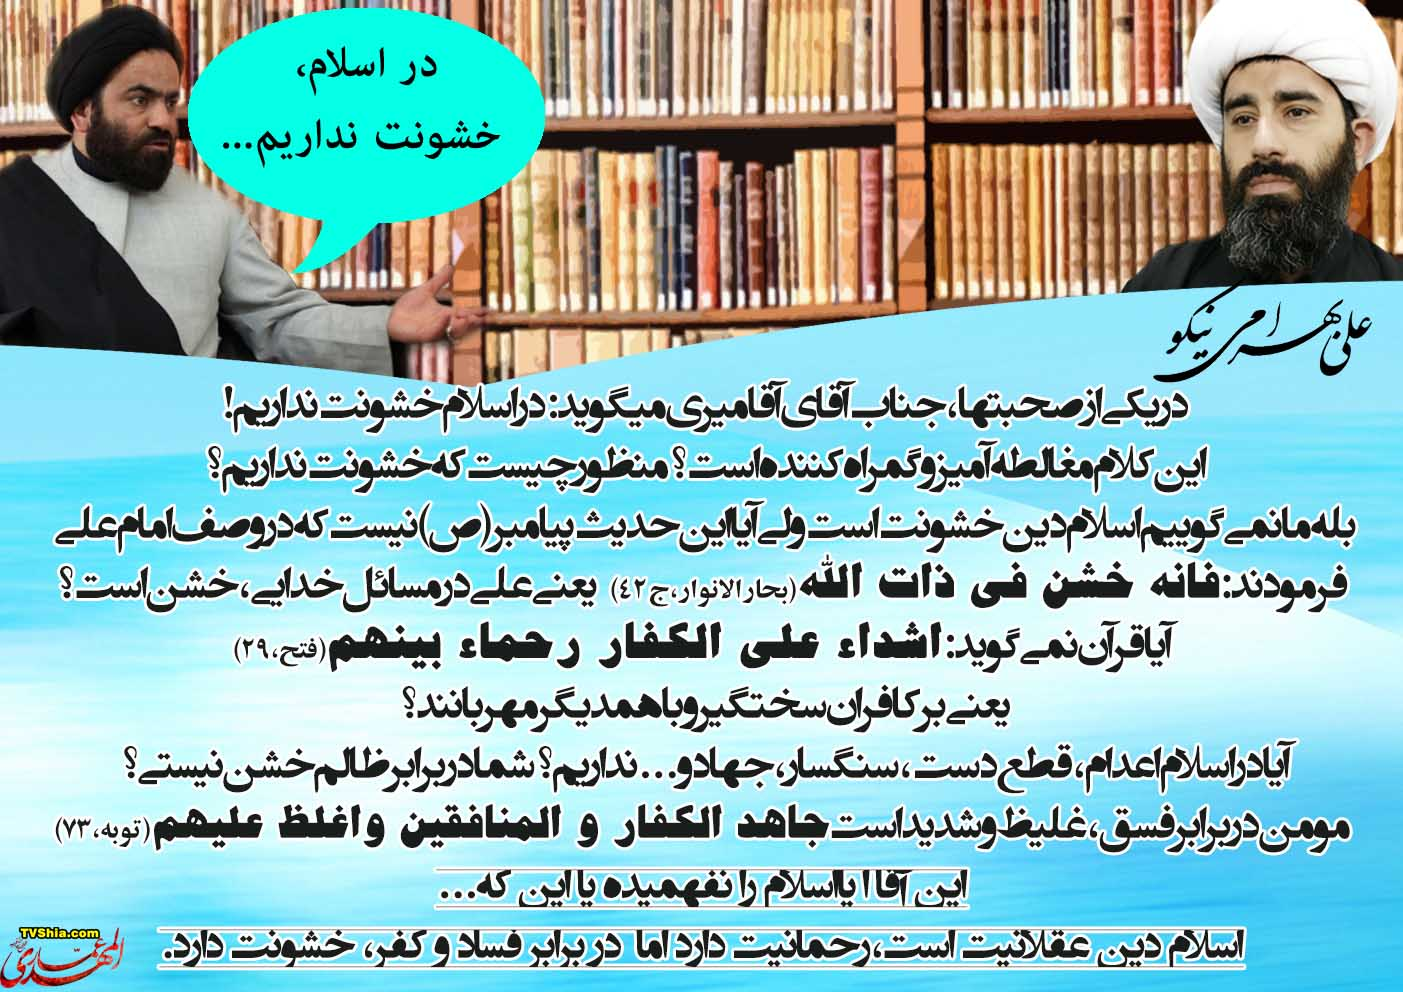 در اسلام، خشونت نداریم!!!